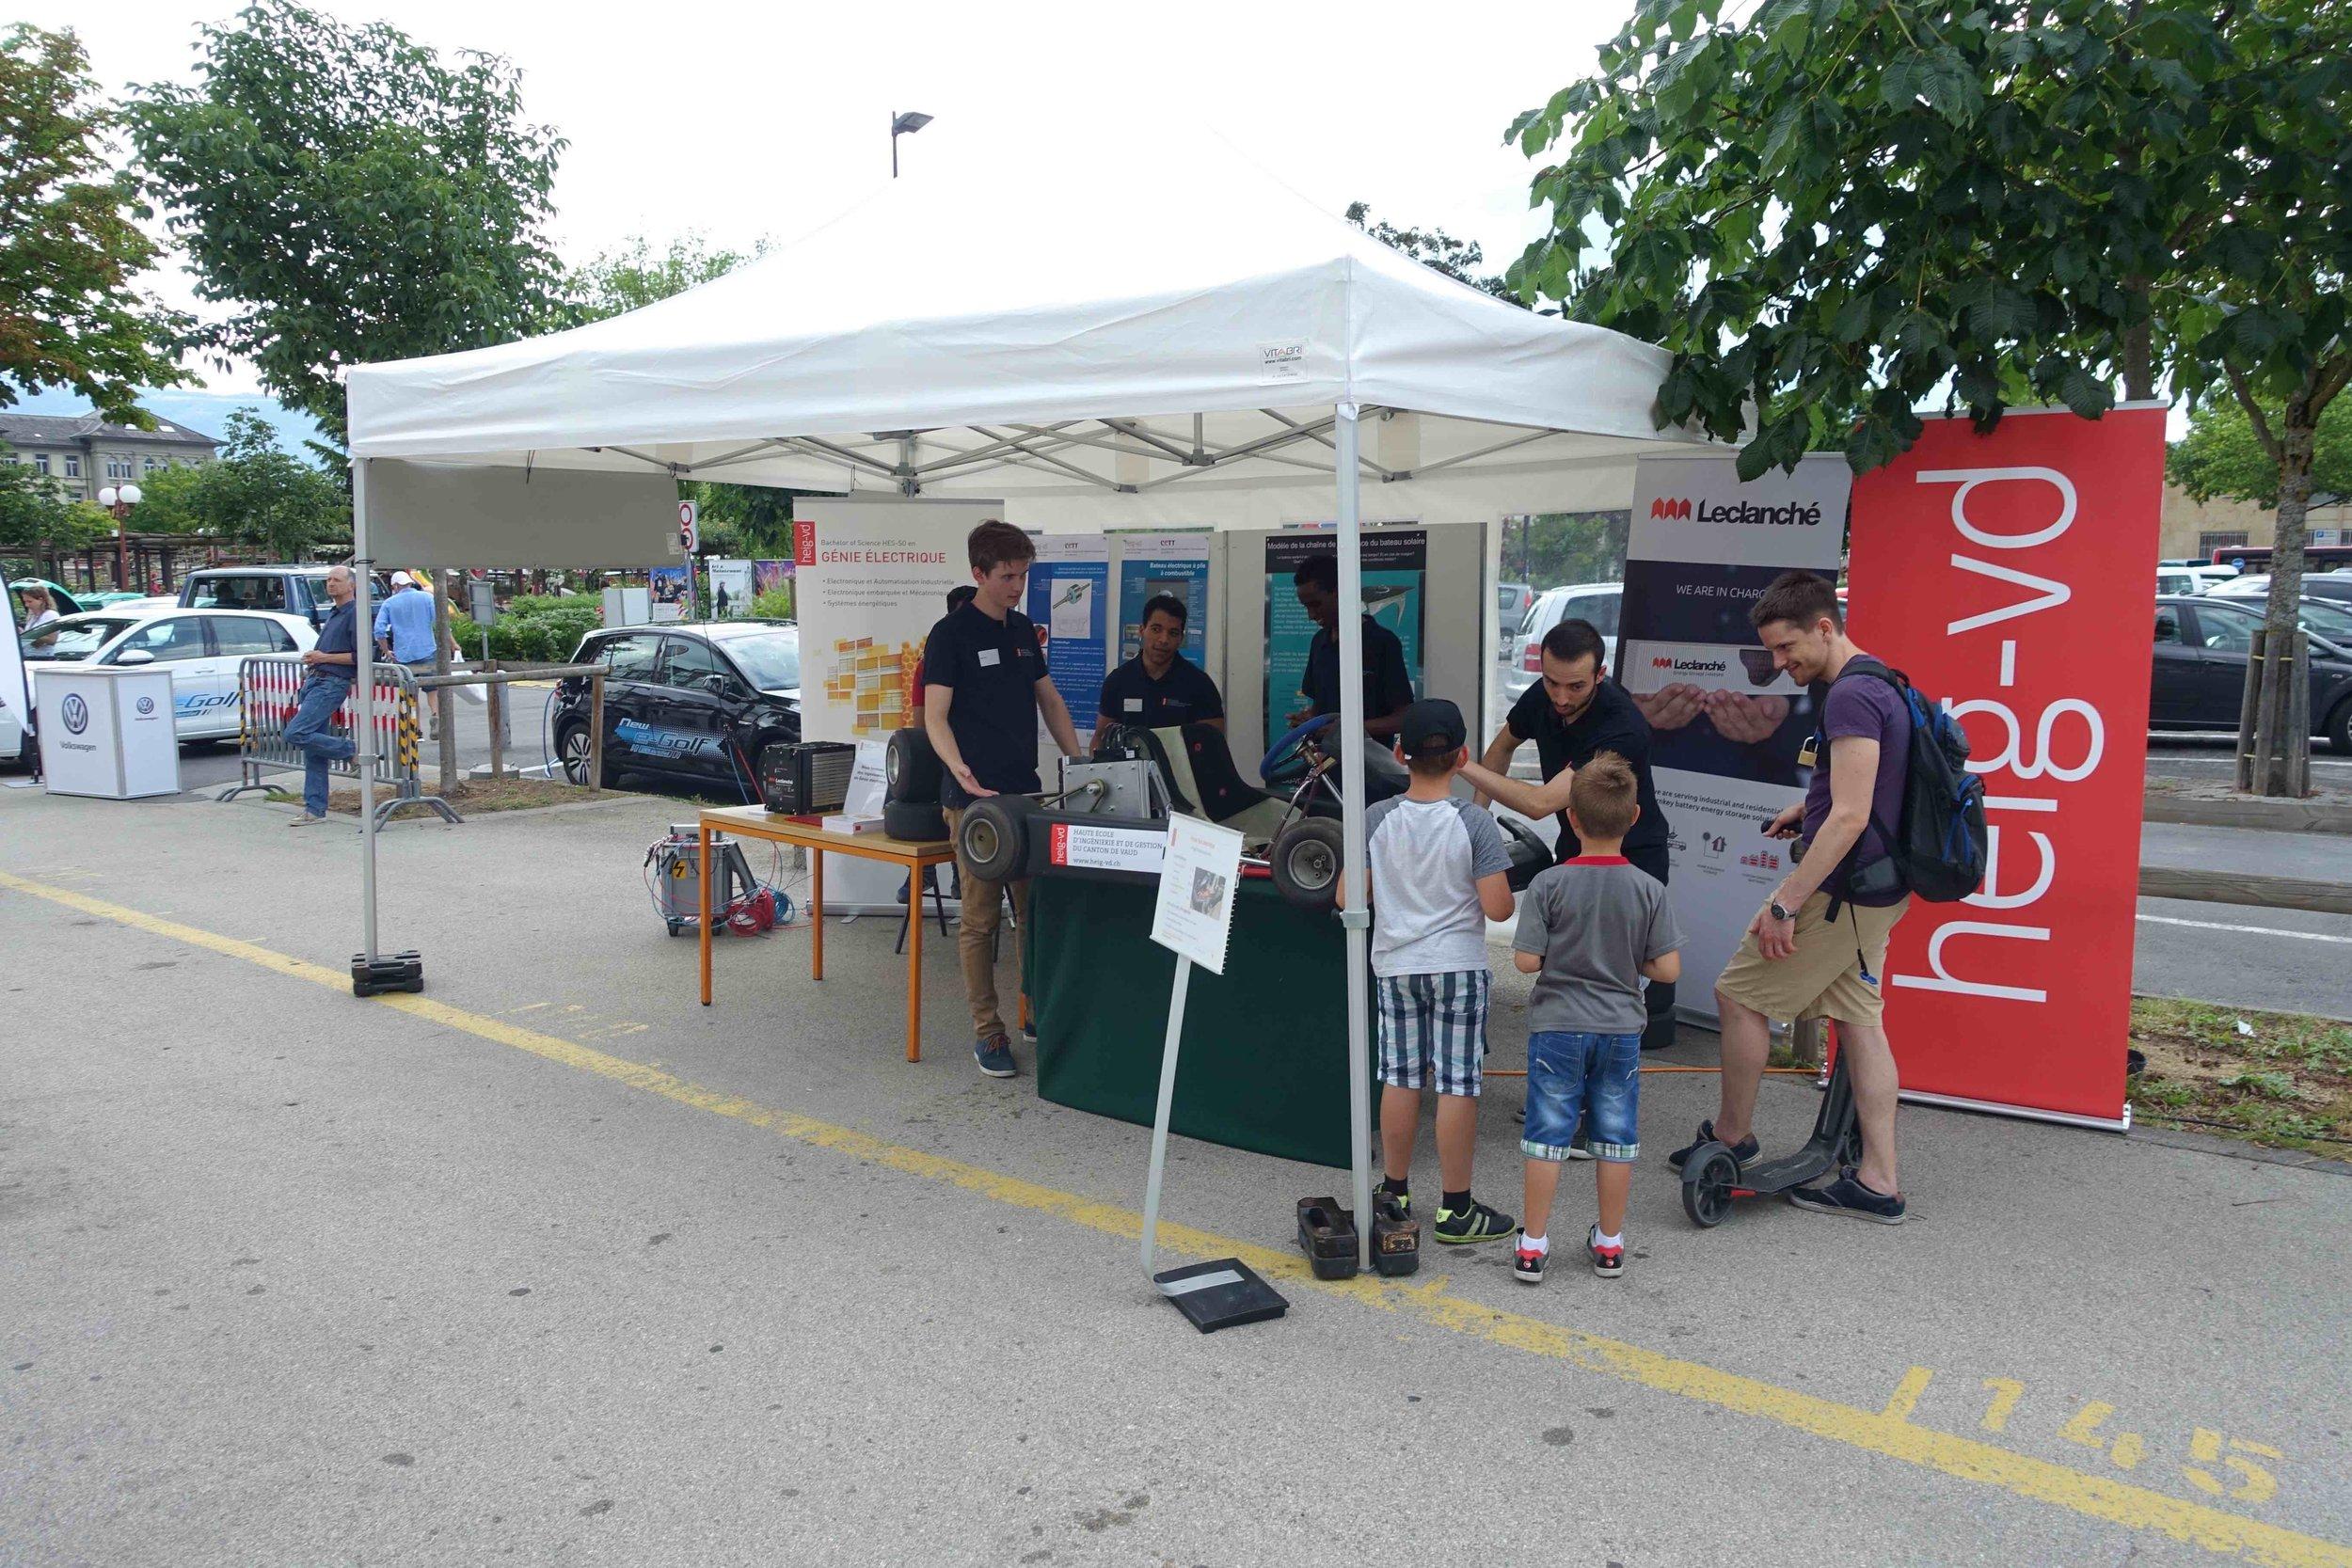 Présentation publique de notre projet dans les rues d'Yverdon-les-Bains